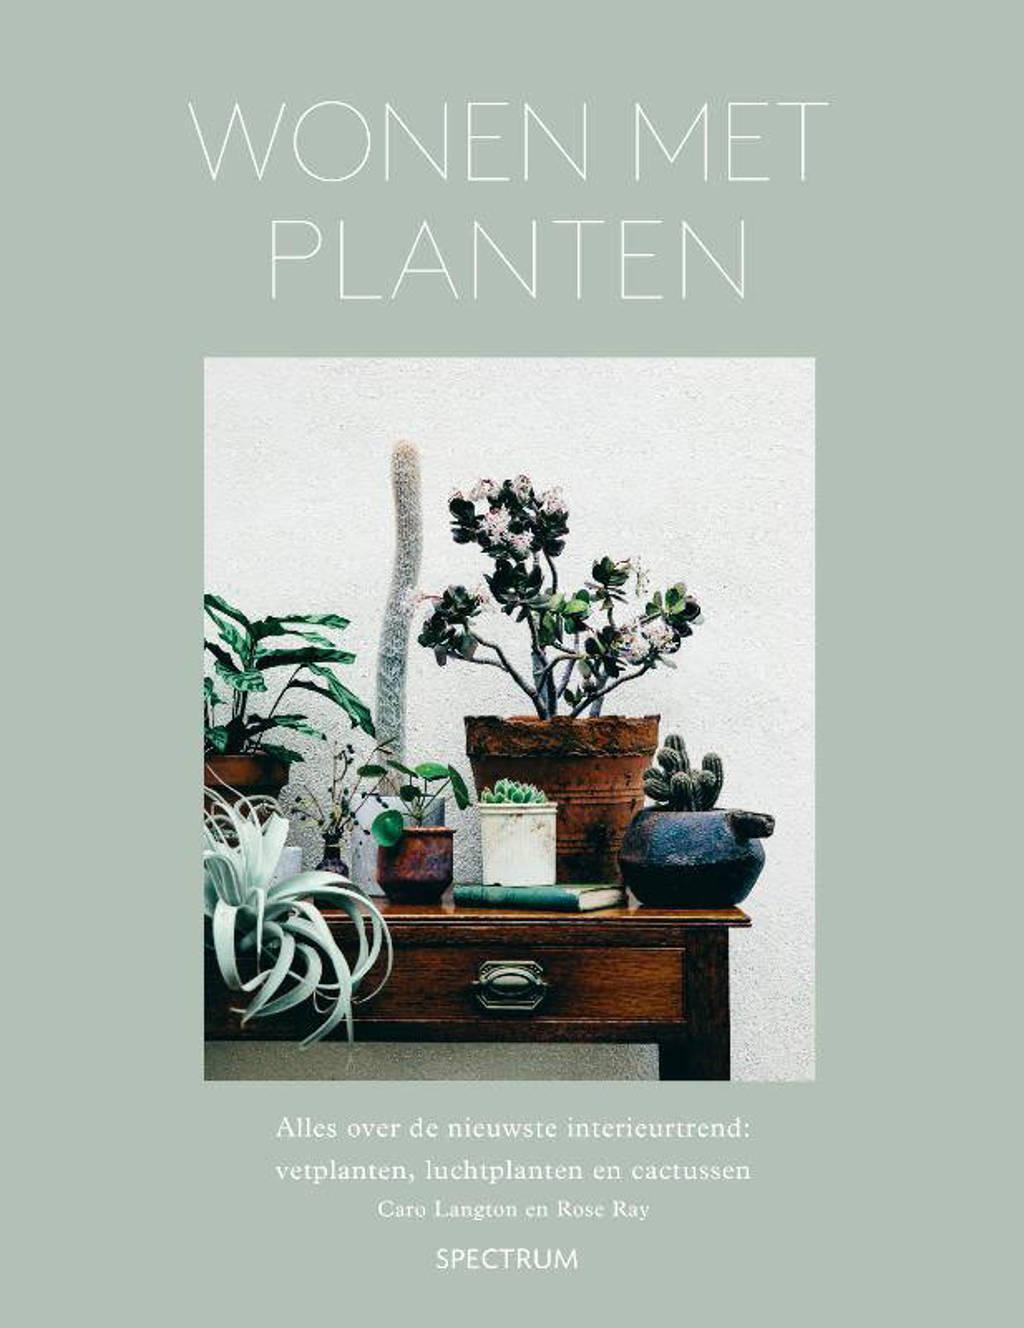 Wonen met planten - Caro Langton en Rose Ray